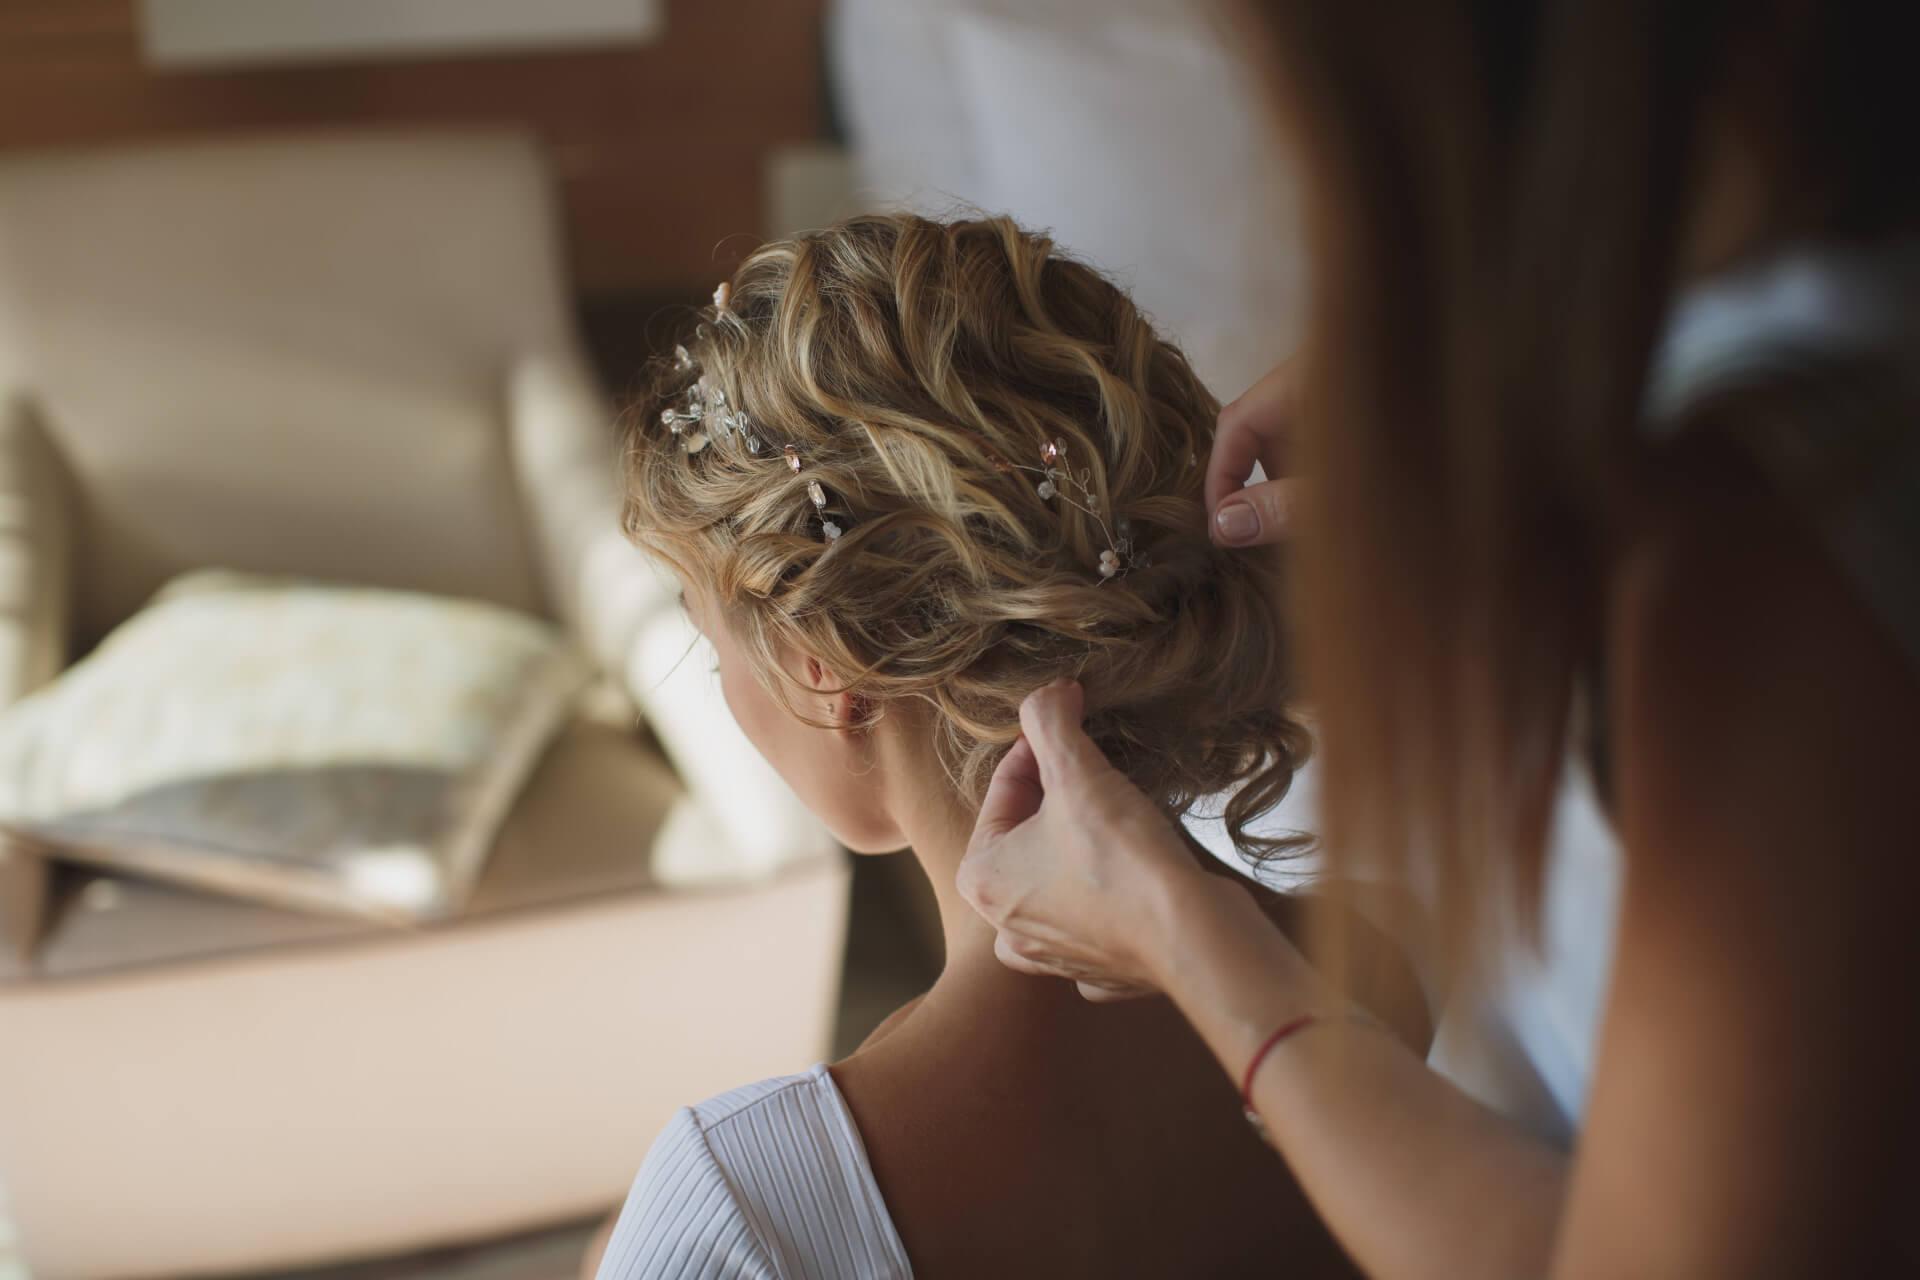 Estilistas para bdoas en Margarita, Venezuela, profesionales expertos en peinados para novias en la Isla de Margarita, estilimo para novias y bodas